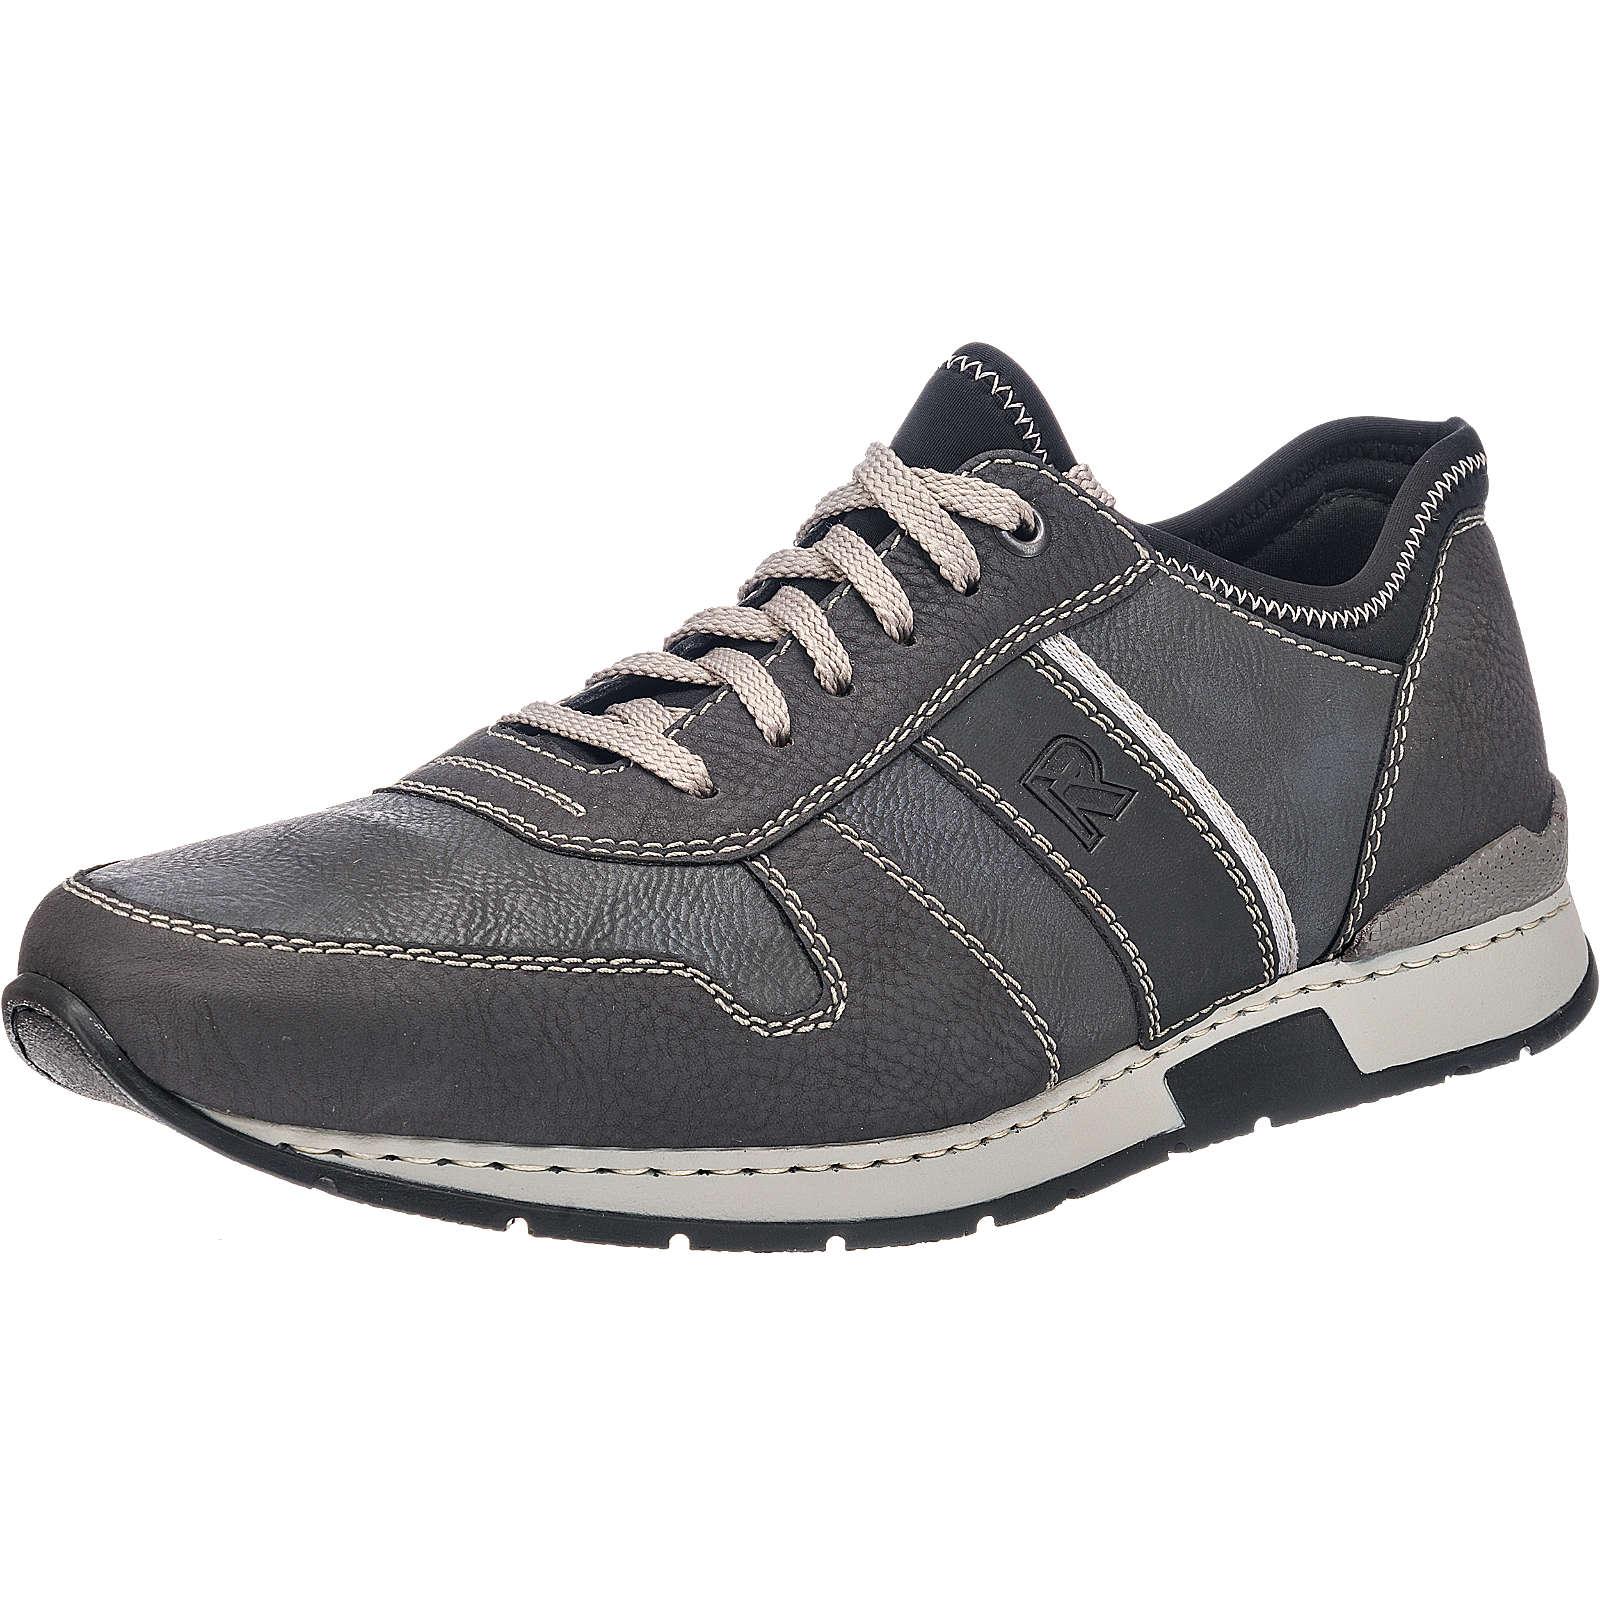 rieker Sneakers schwarz-kombi Herren Gr. 46